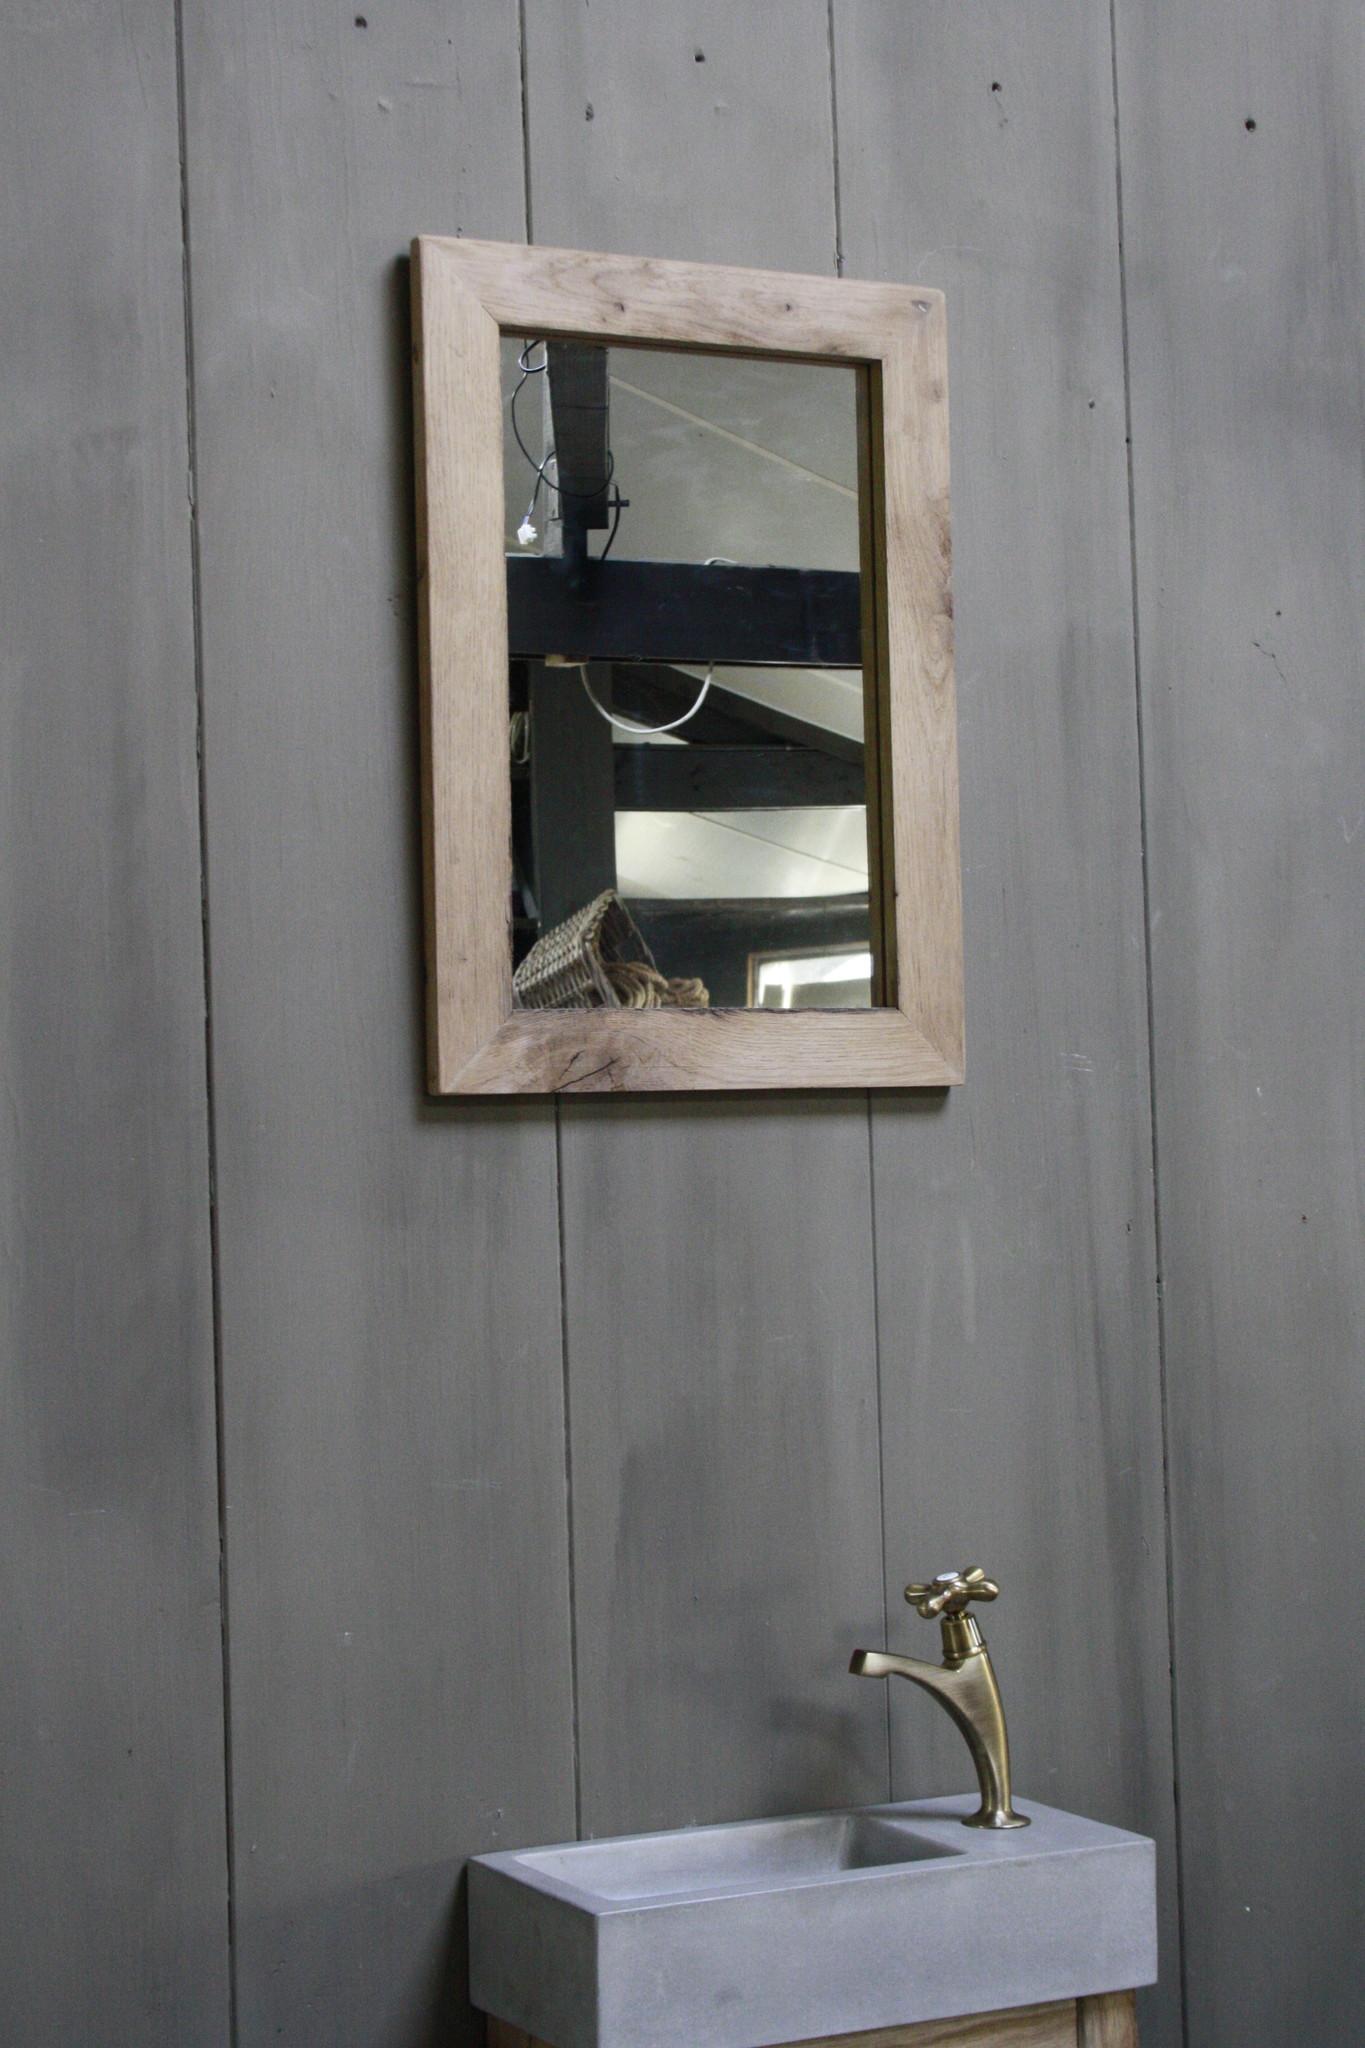 Eikenhouten toiletspiegel Light 53 x 38 cm-3